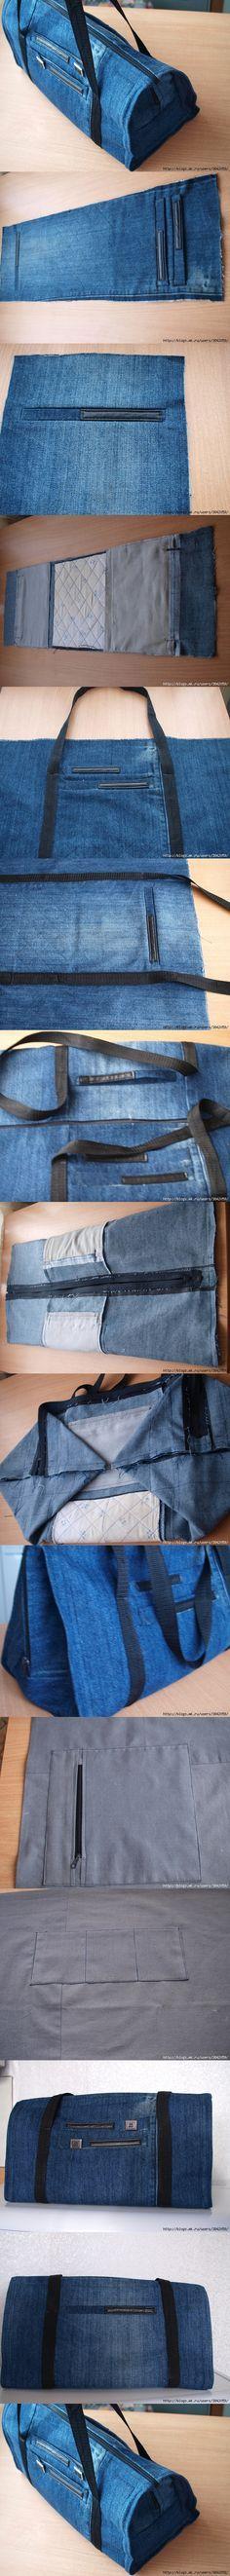 [tuto] fabriquer un sac avec un vieux jean.